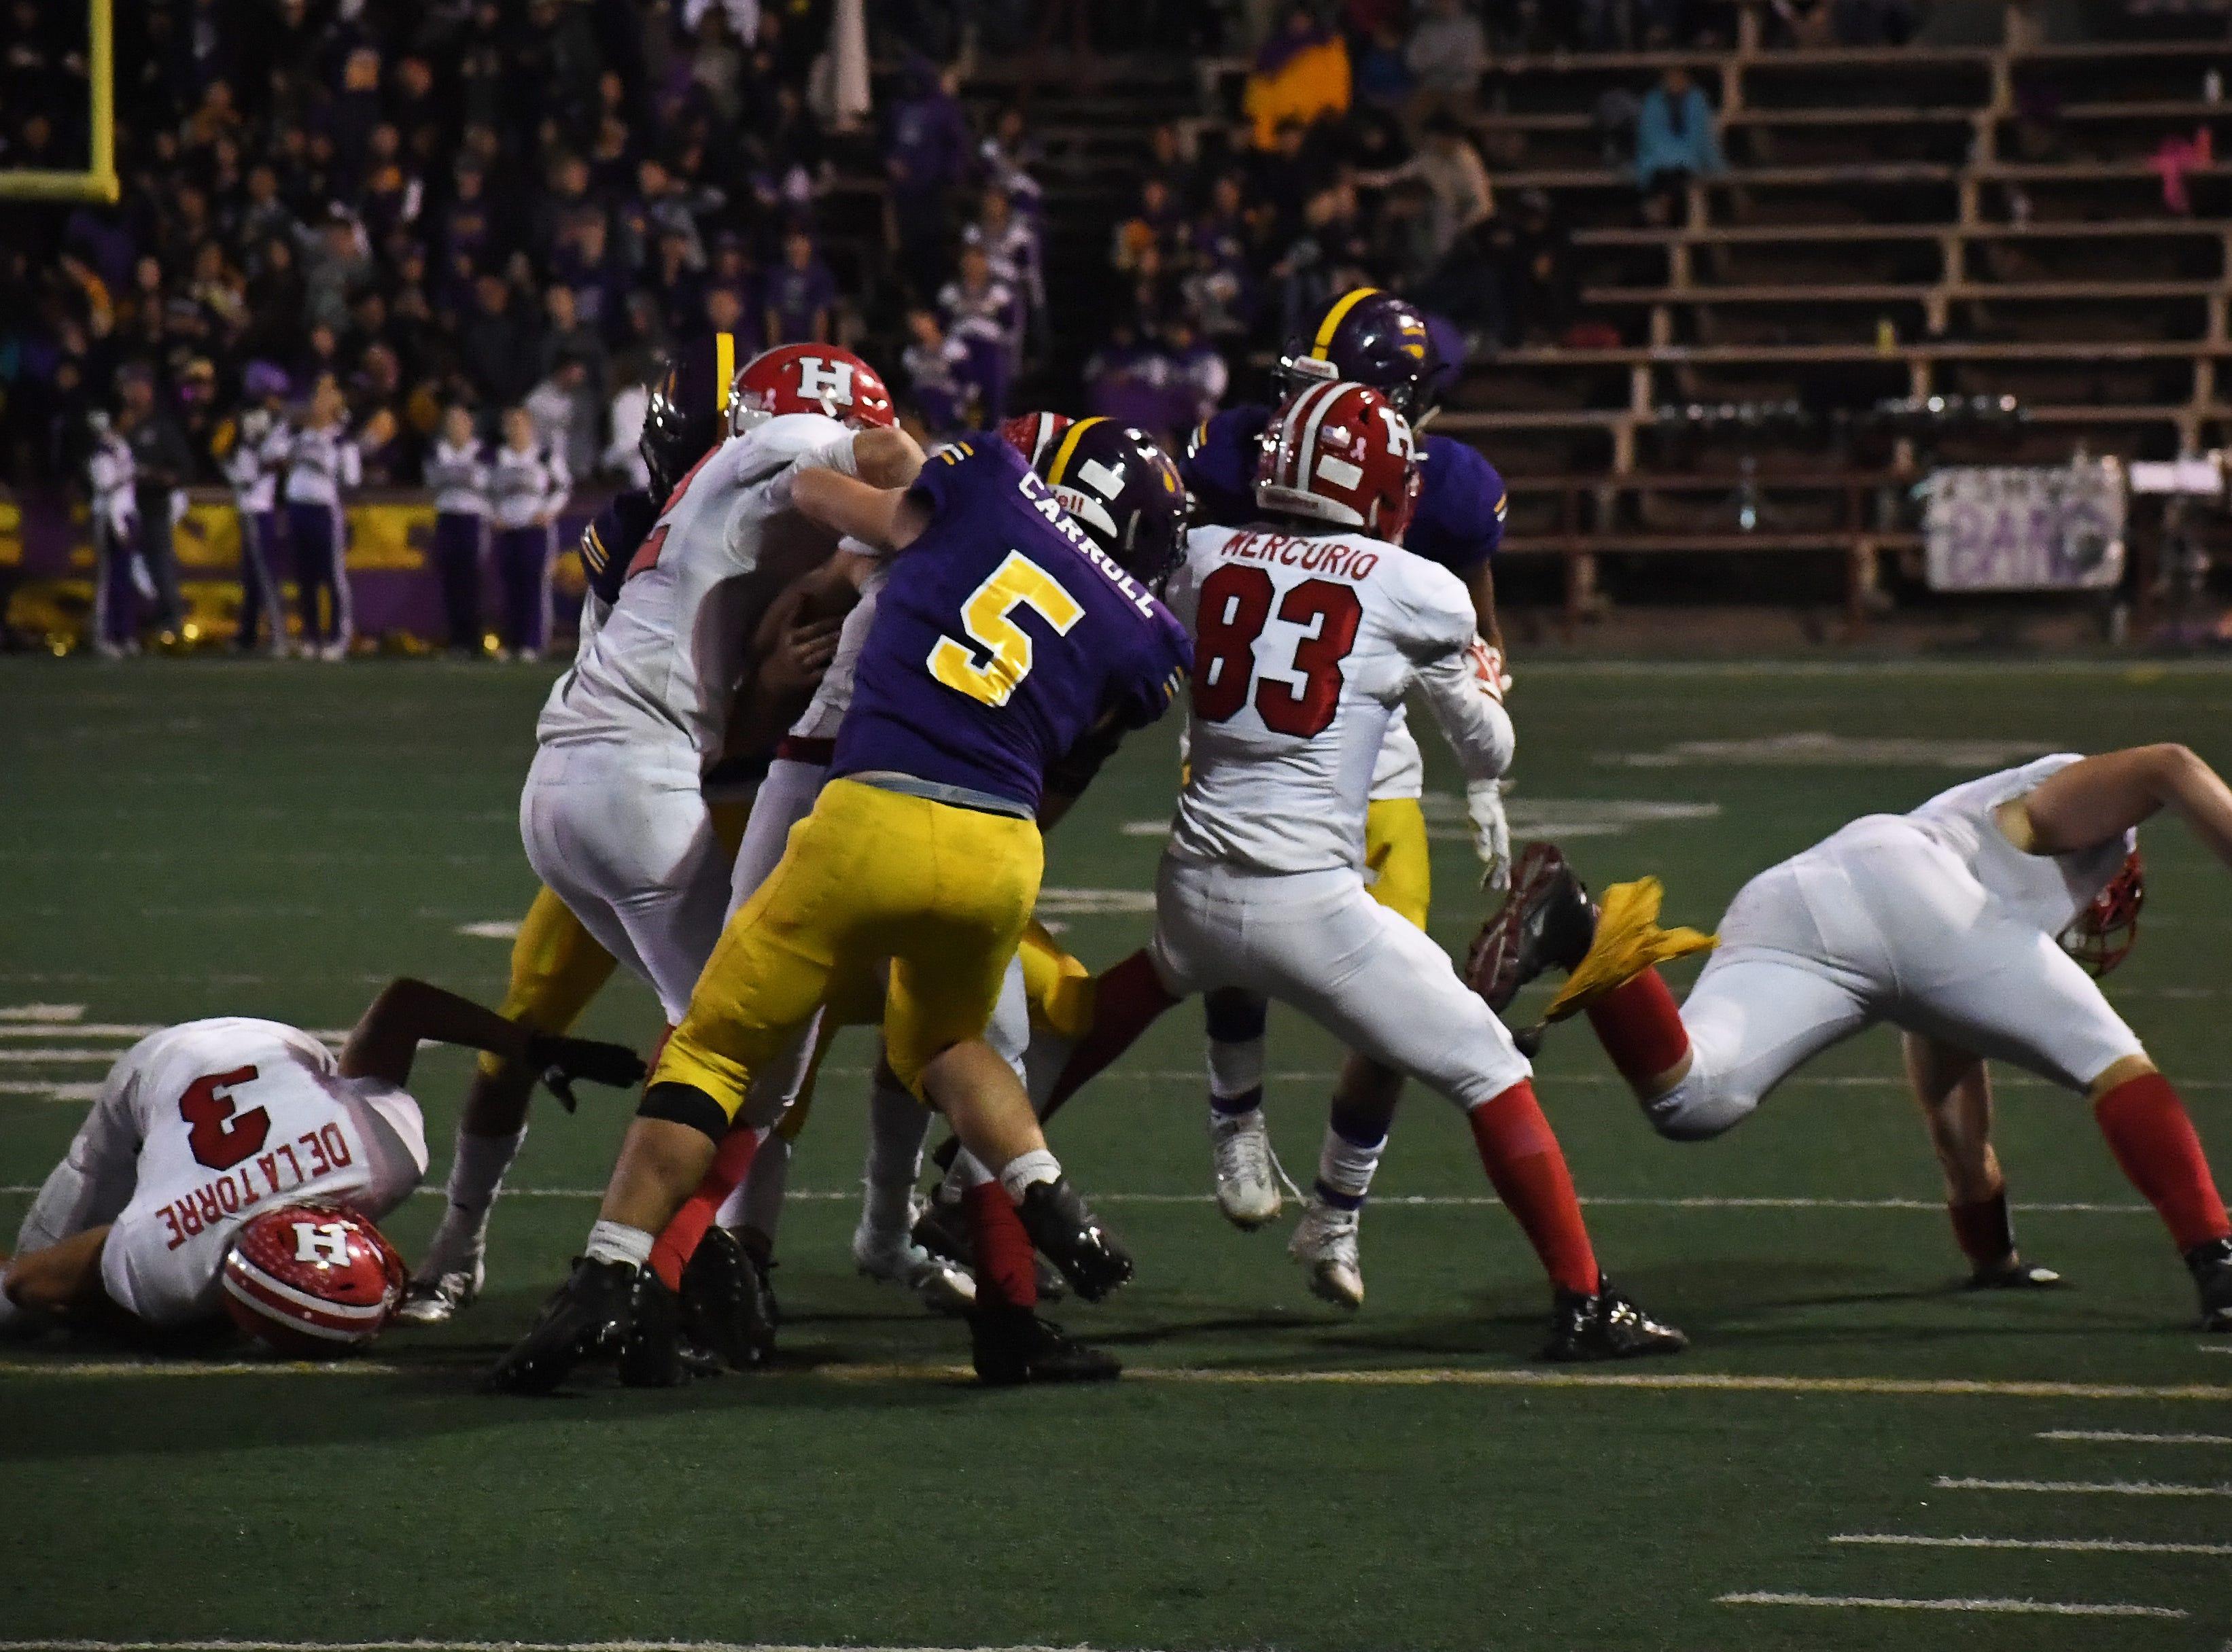 Linebacker Tyler Carroll (5) corrals a San Benito running back.